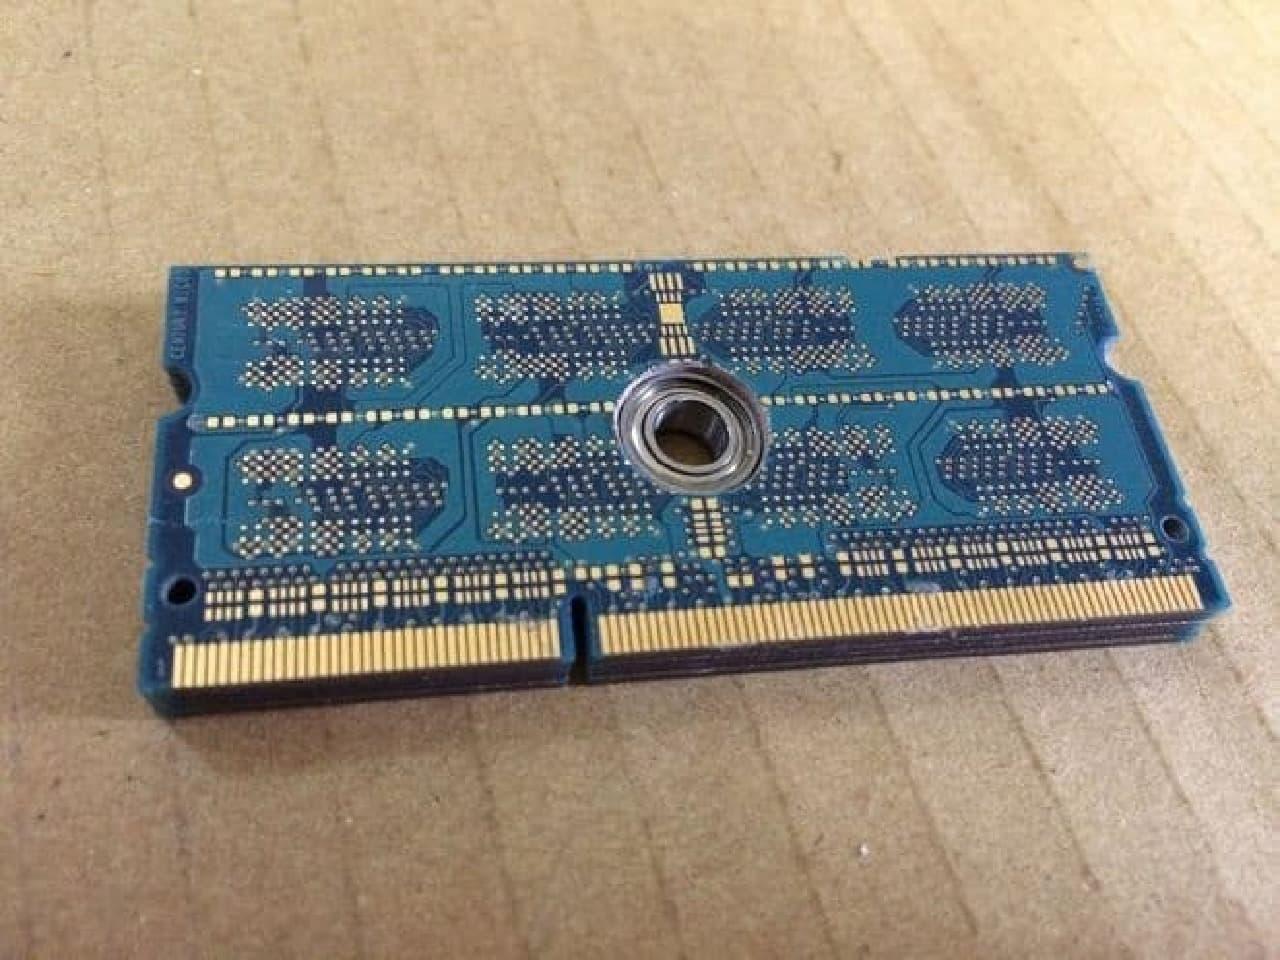 メモリーモジュール型スピナーの作例